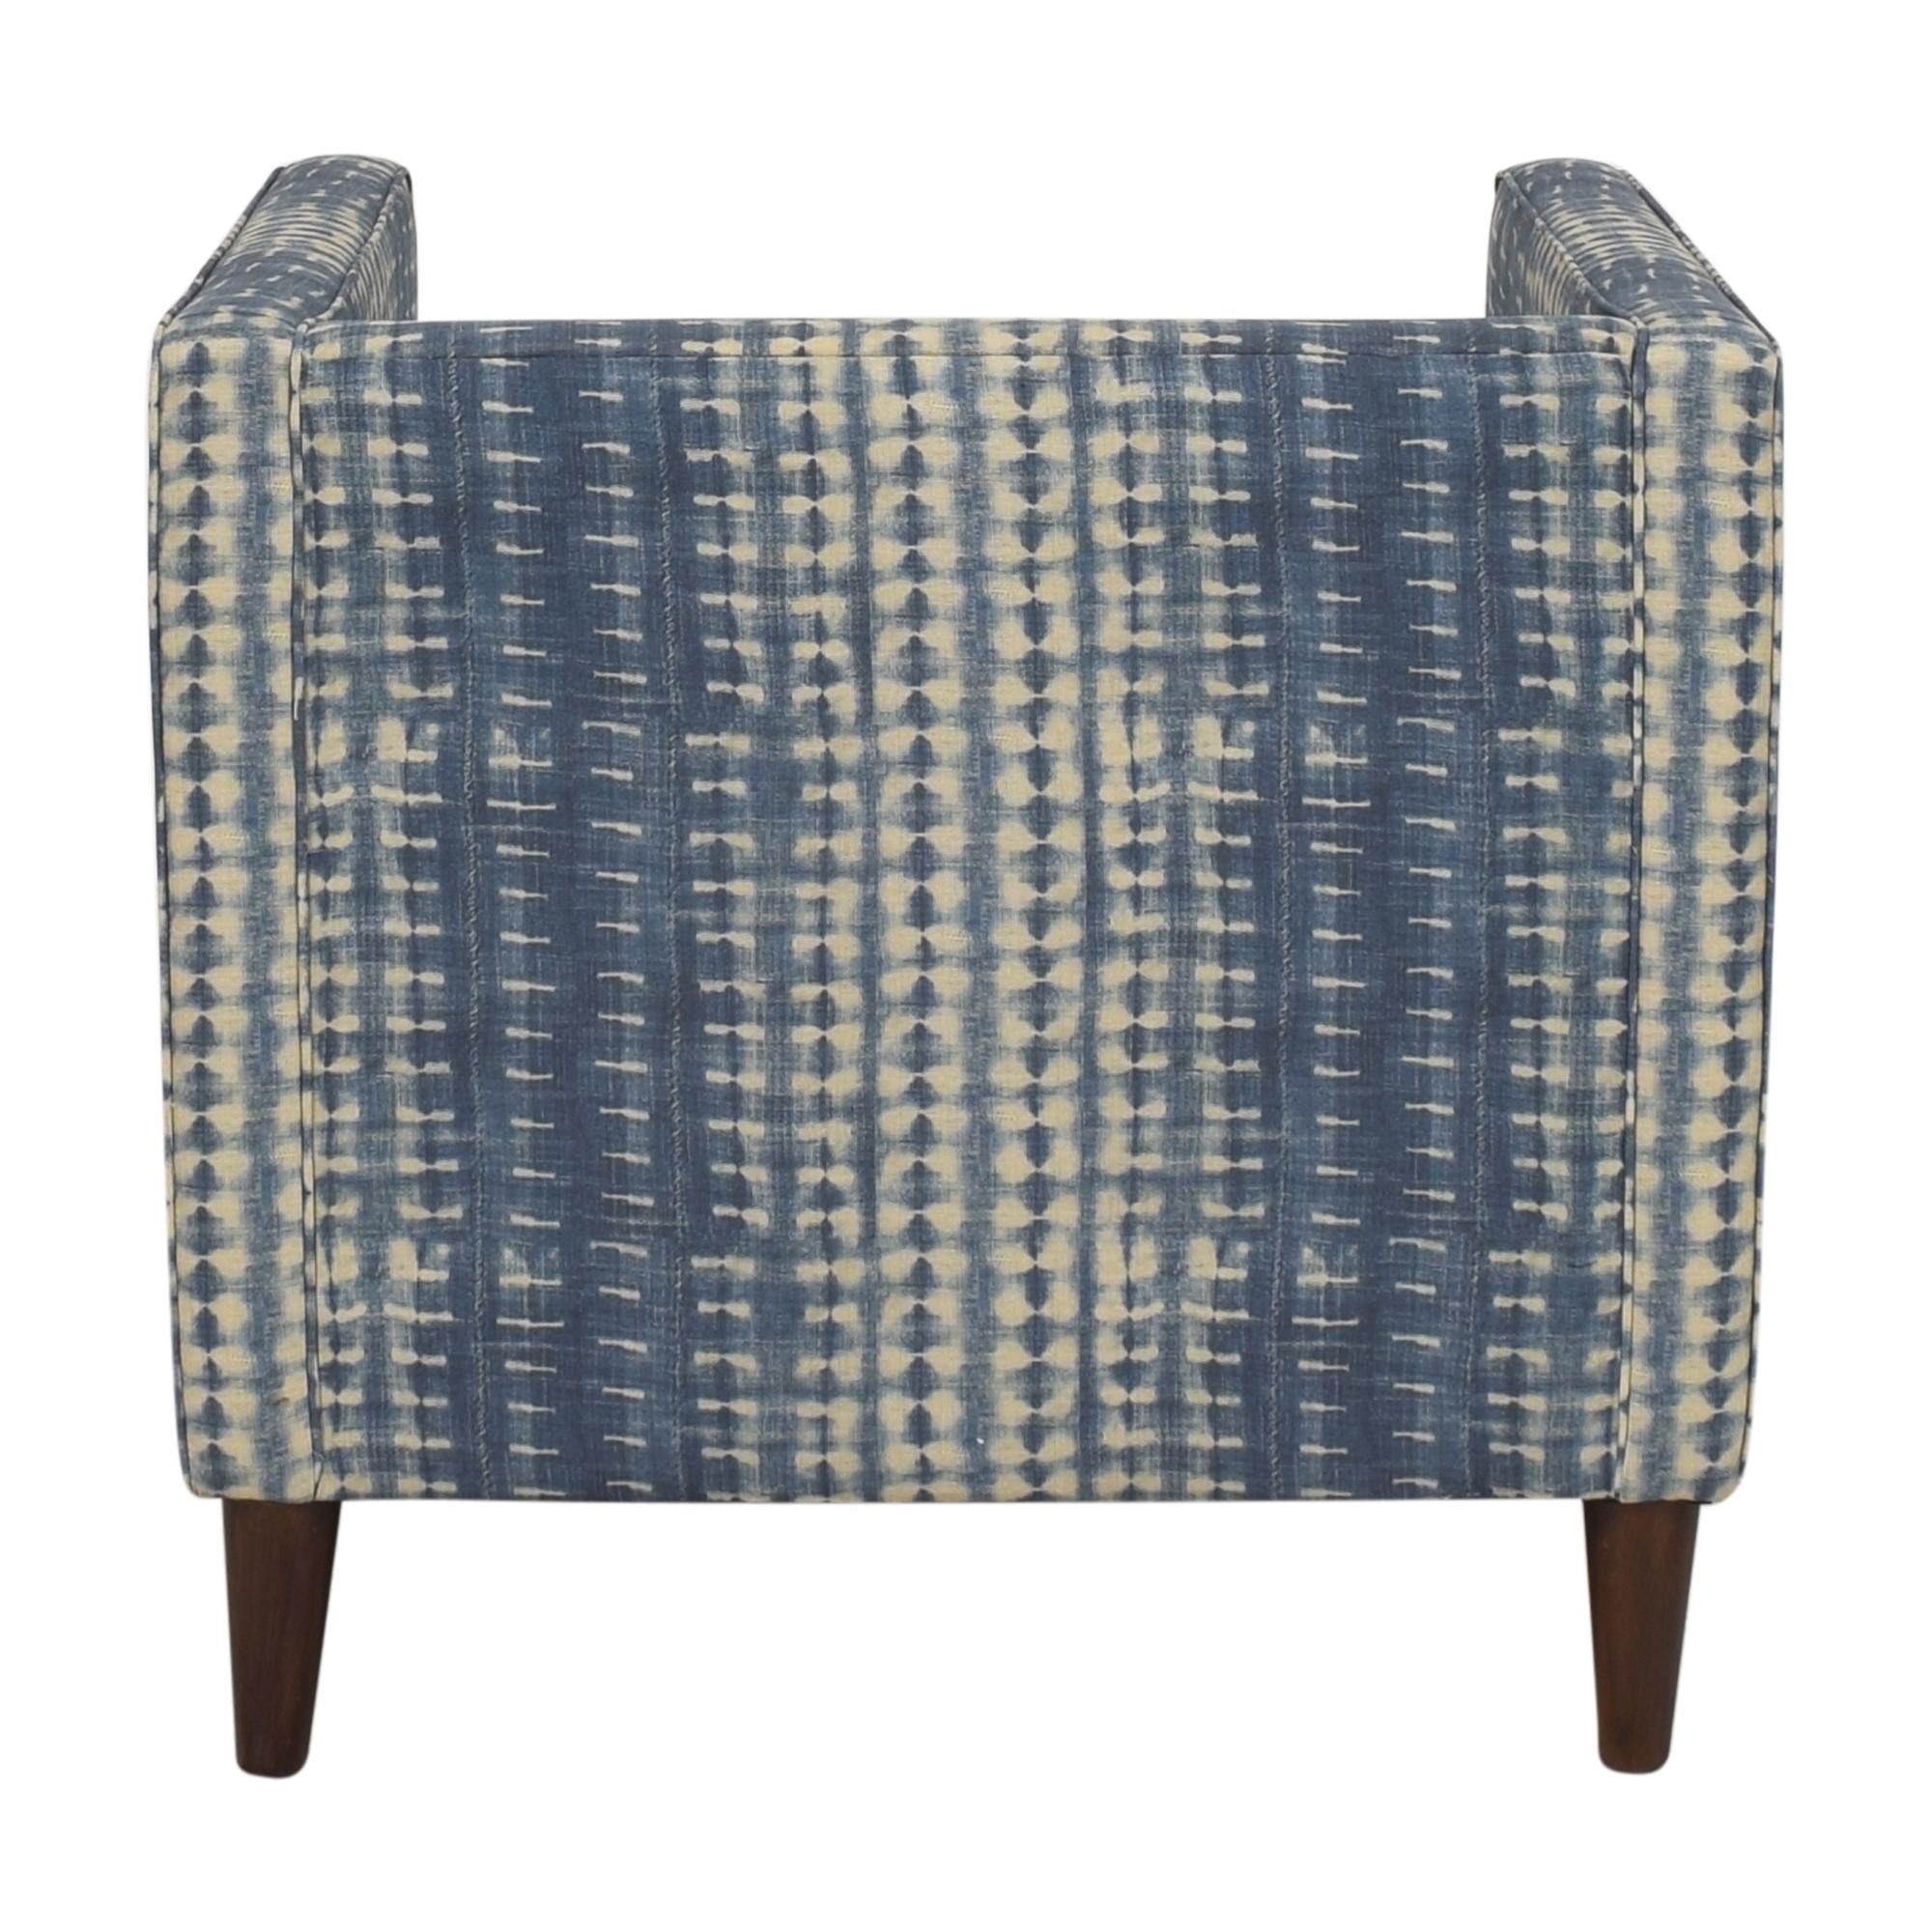 buy The Inside The Inside Tuxedo Chair online